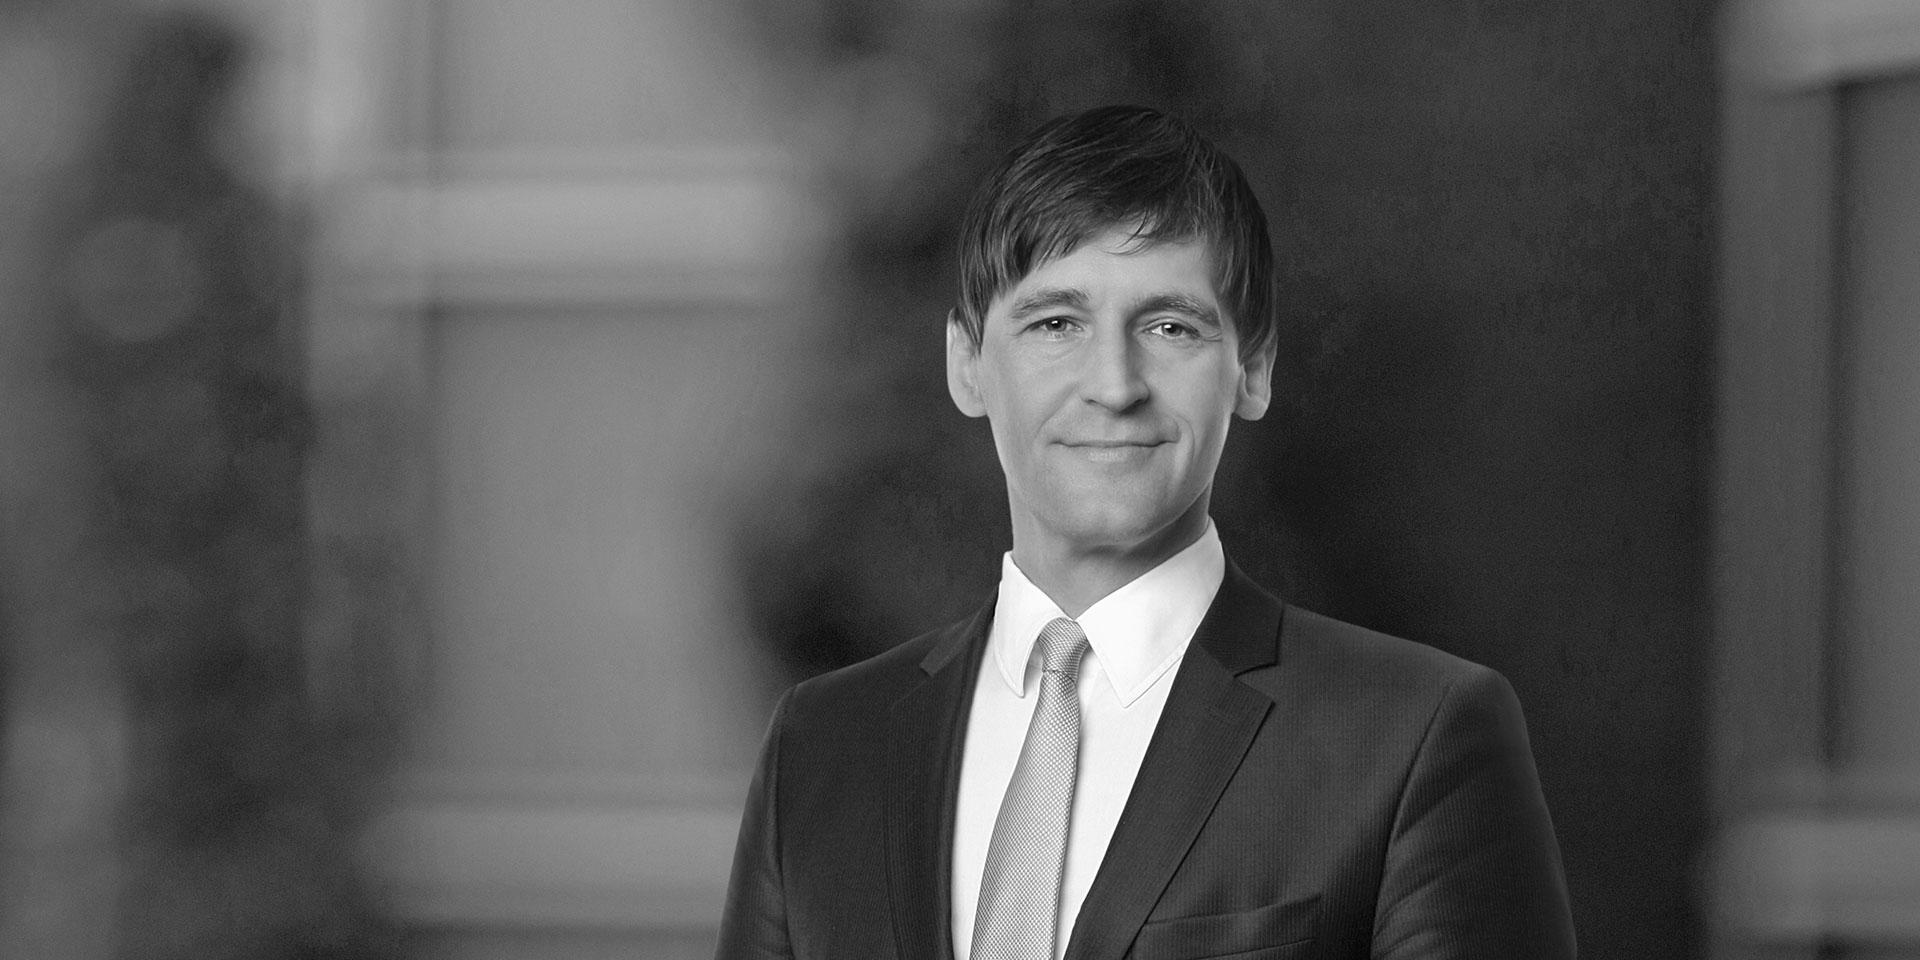 Markus Wischemeyer